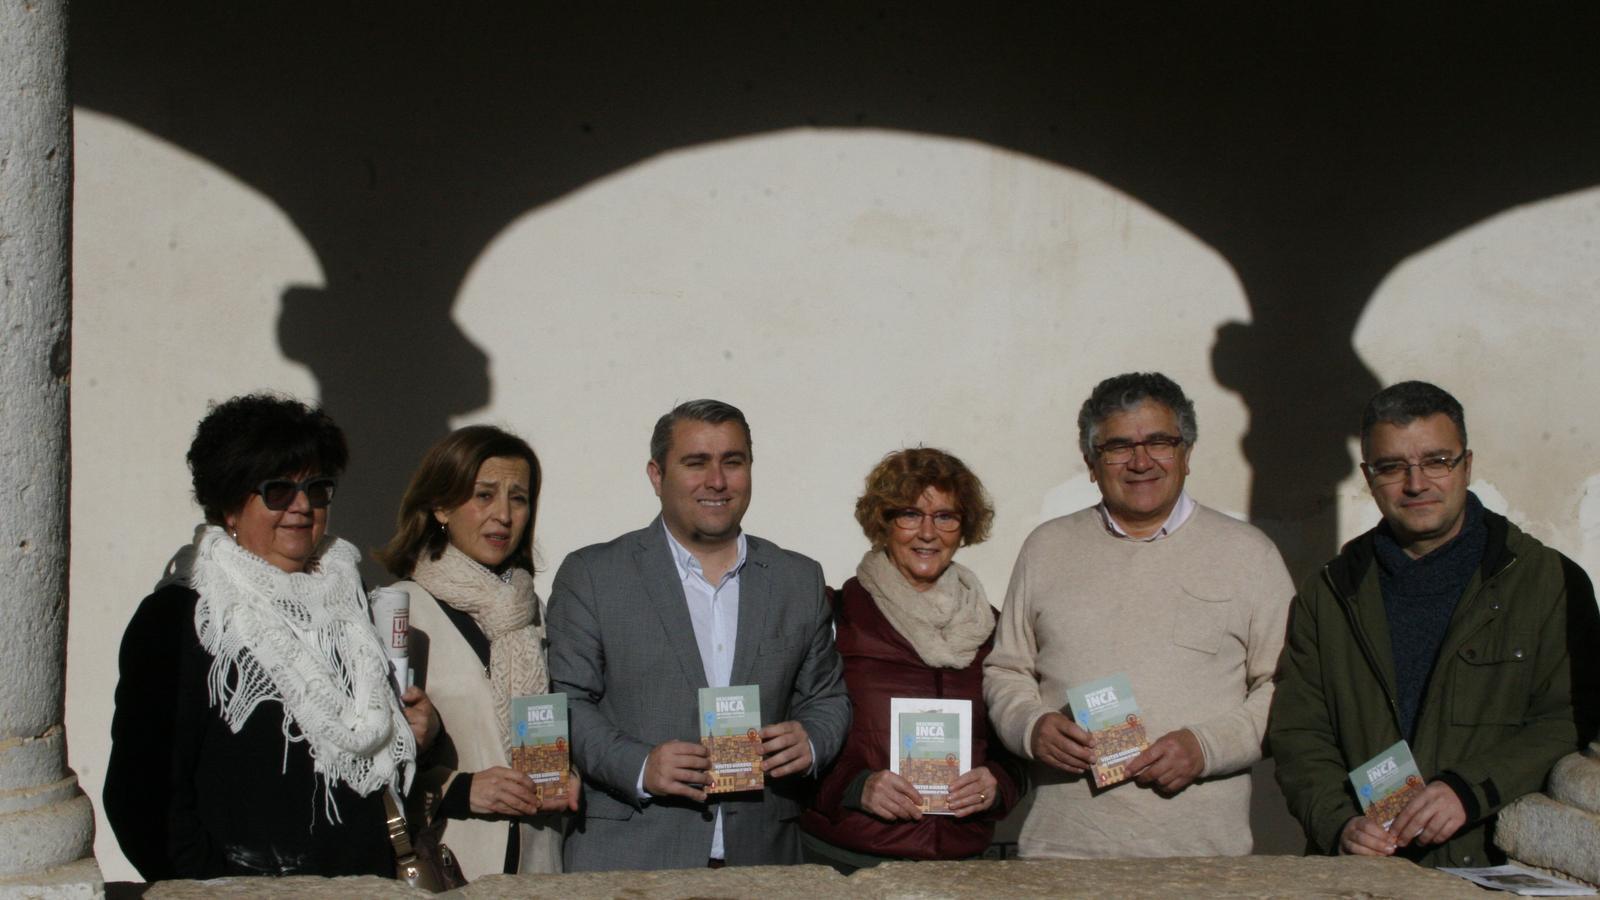 Representants municipals i d'entitats col·laboradores durant la presentació de la guia.